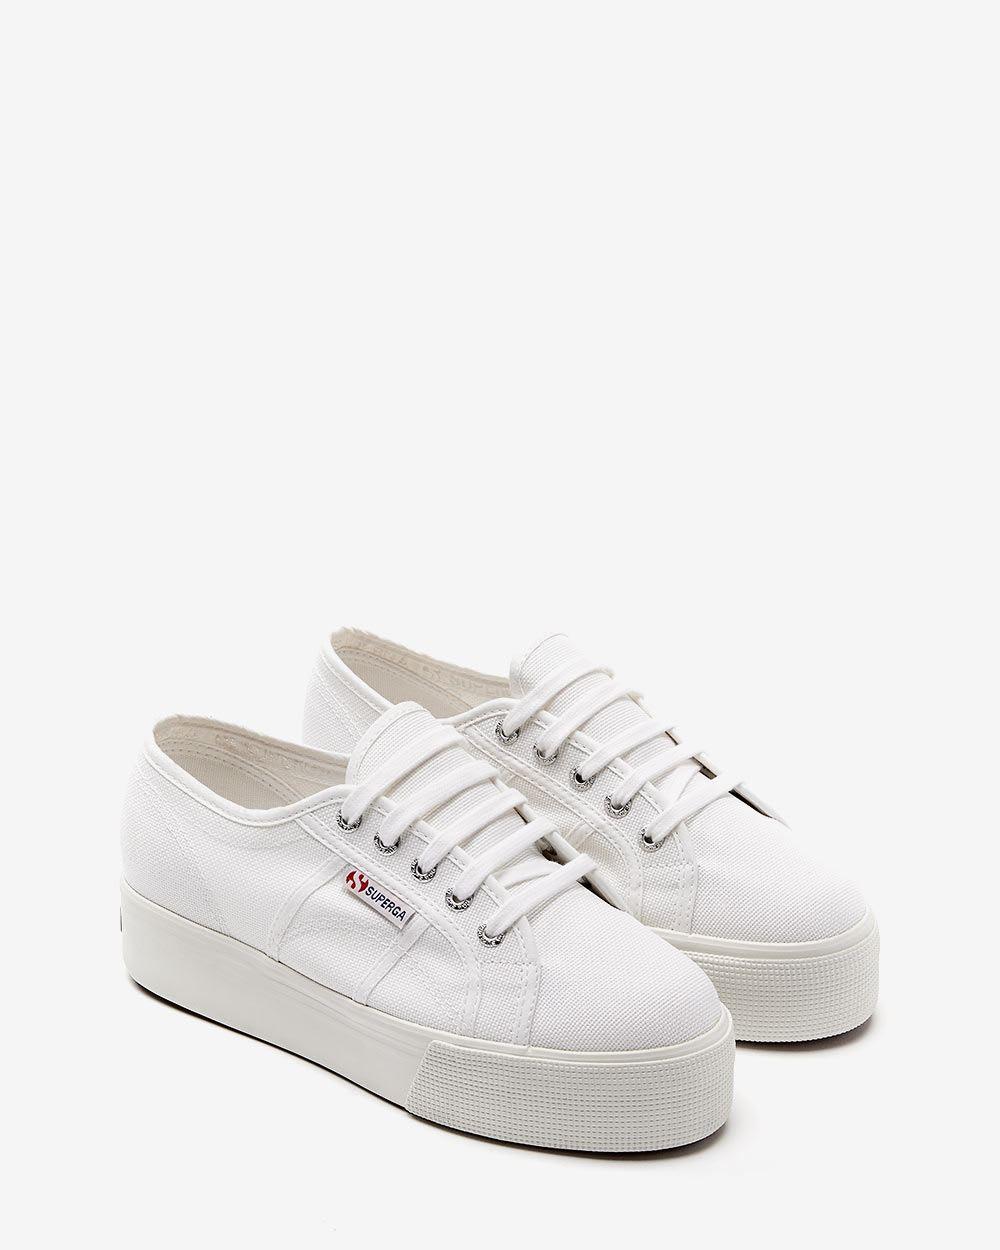 Superga: Superga (TM) Canvas Platform Sneakers